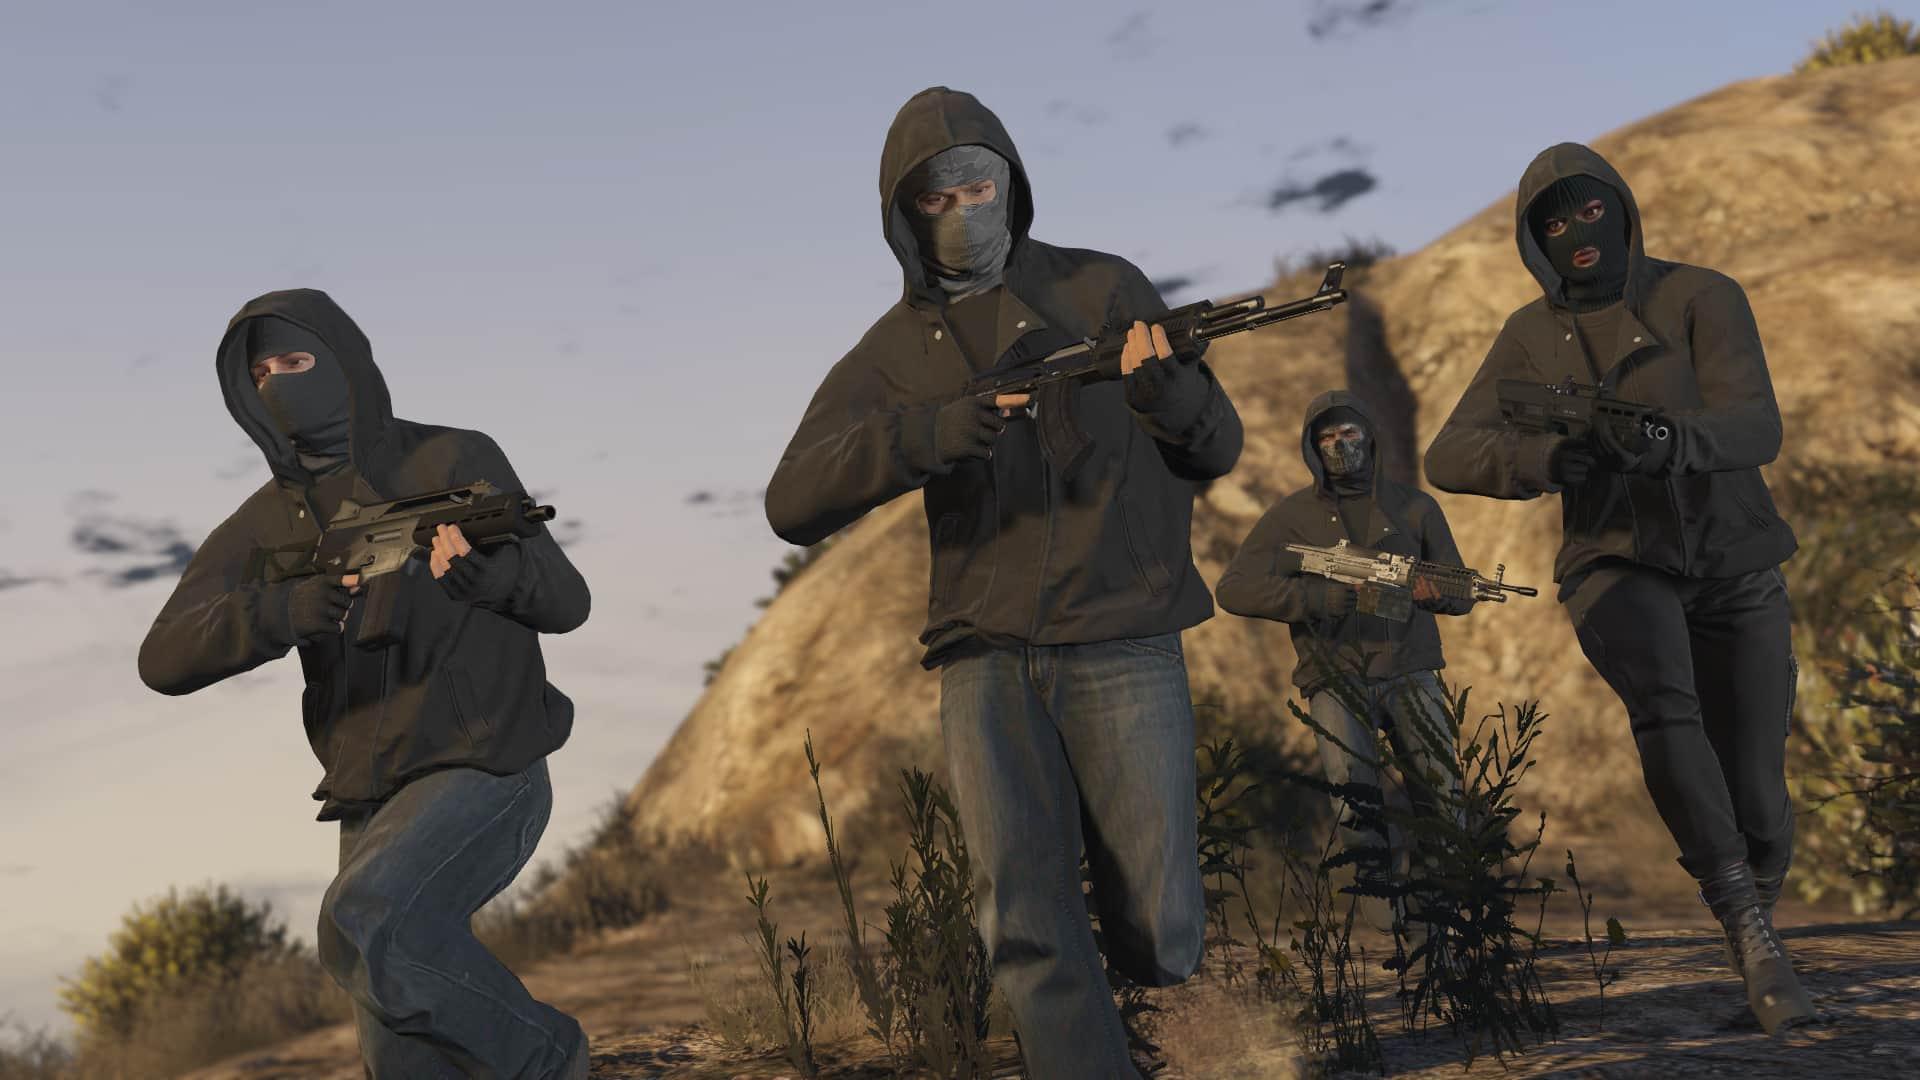 GTA-Online-heists-new-screenshot-1